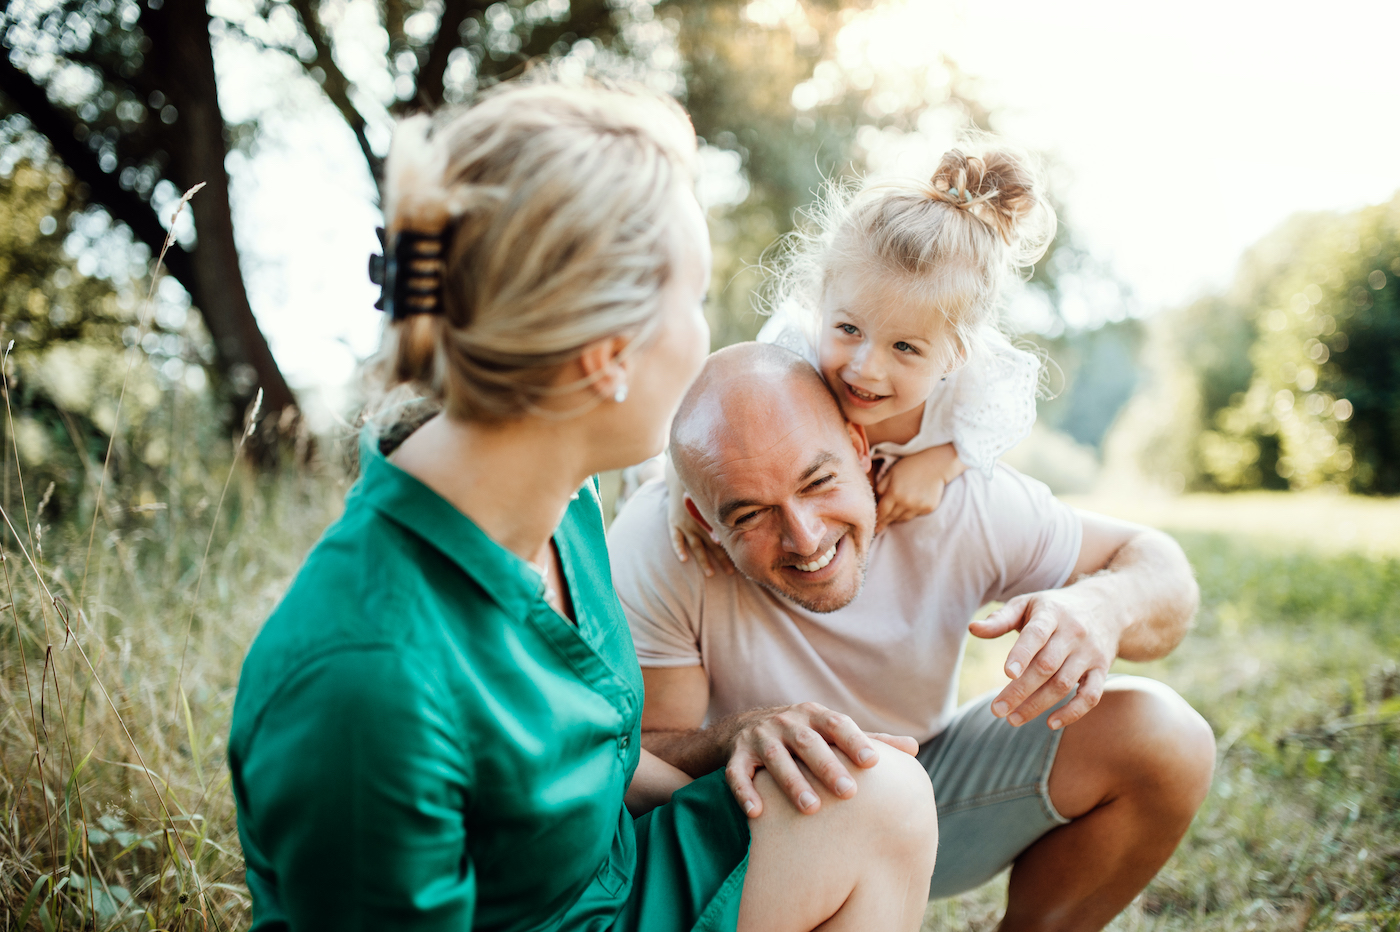 Eine Frau dreht sich zu einem lachenden Mann um, auf dessen Rücken ein kleines Mädchen rumspielt